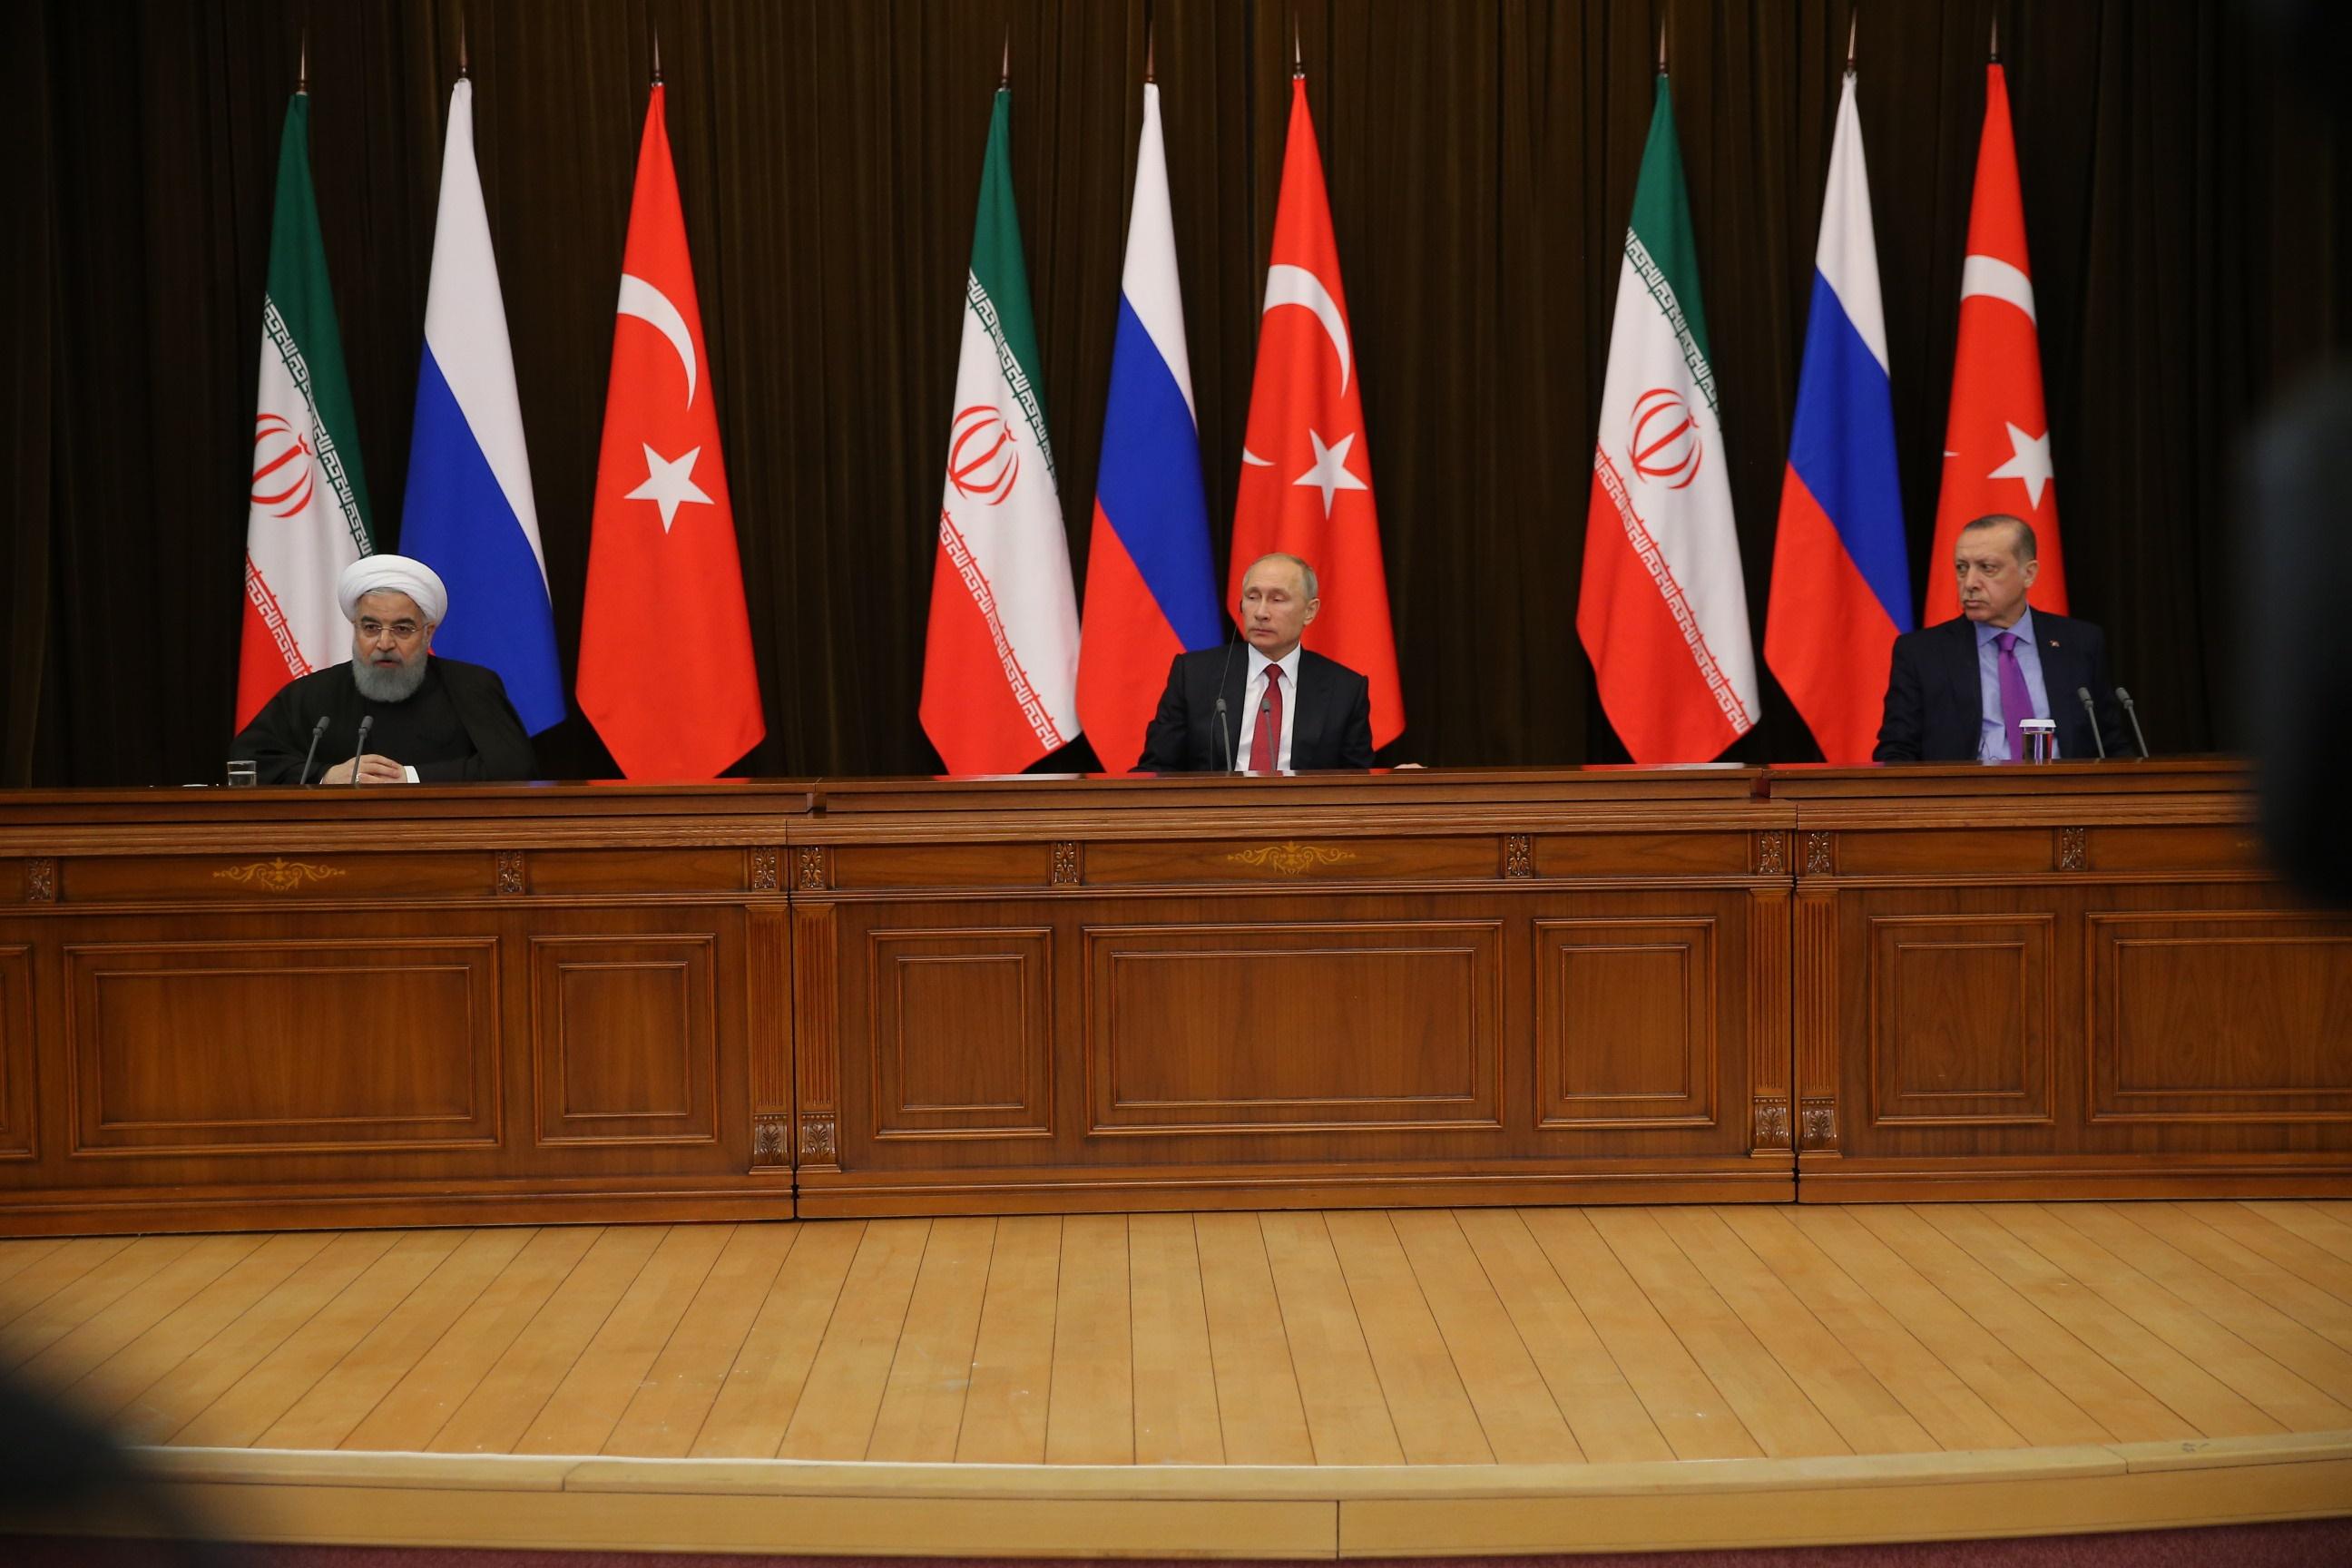 روحانی: نتیجه اجلاس سوچی تشکیل کنگره ملی سوری-سوری است/ تأکید پوتین بر بازسازی سیاسی سوریه